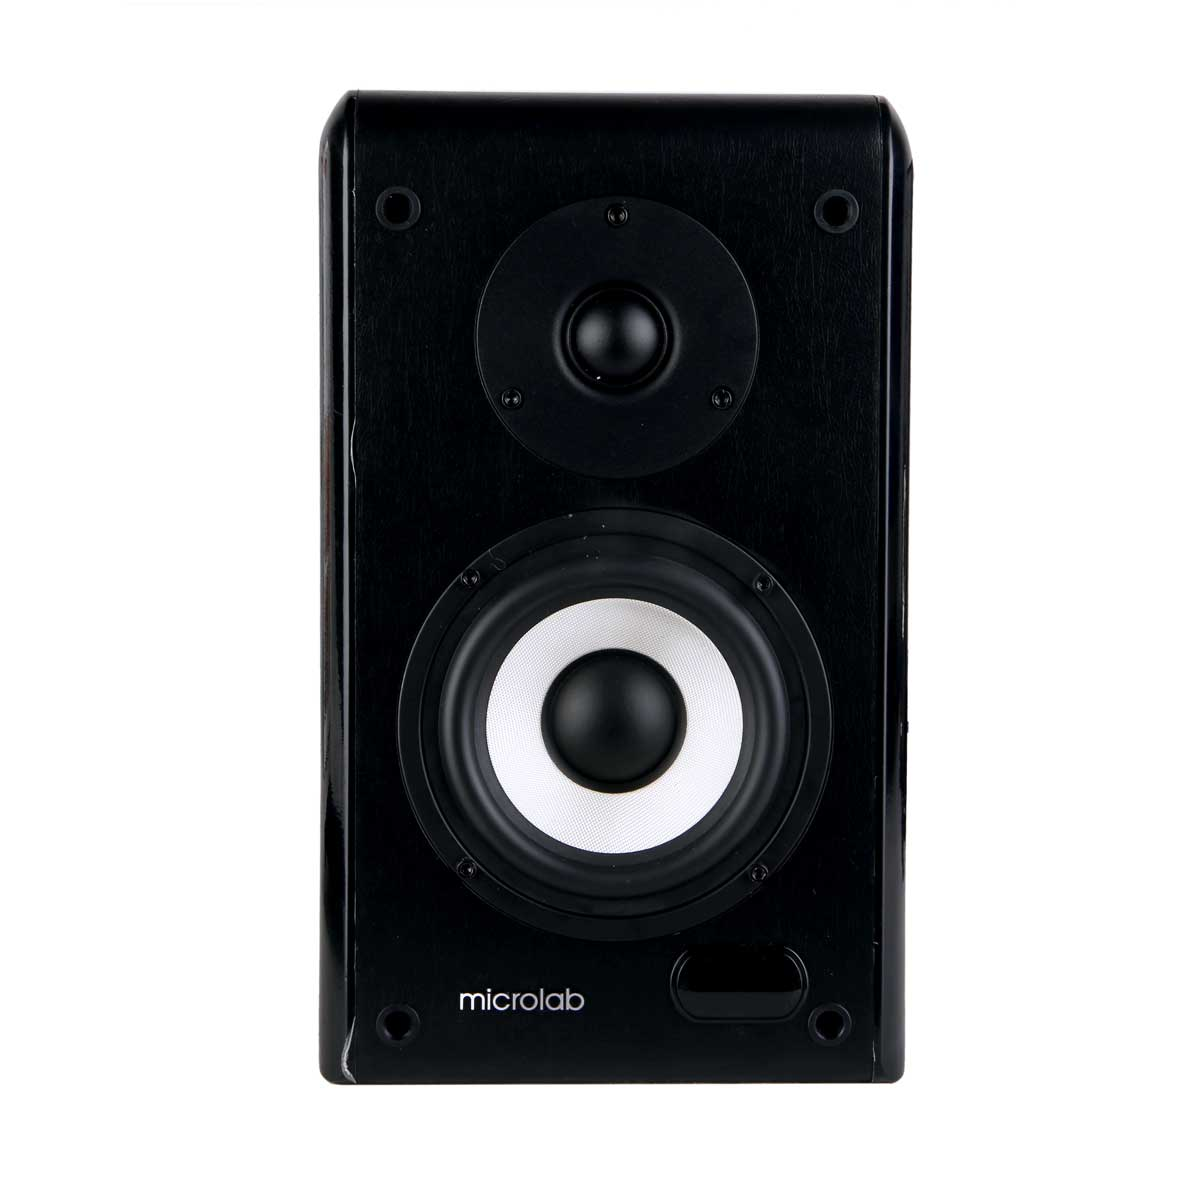 Loa Bluetooth Microlab Solo 11 - Hàng Chính Hãng